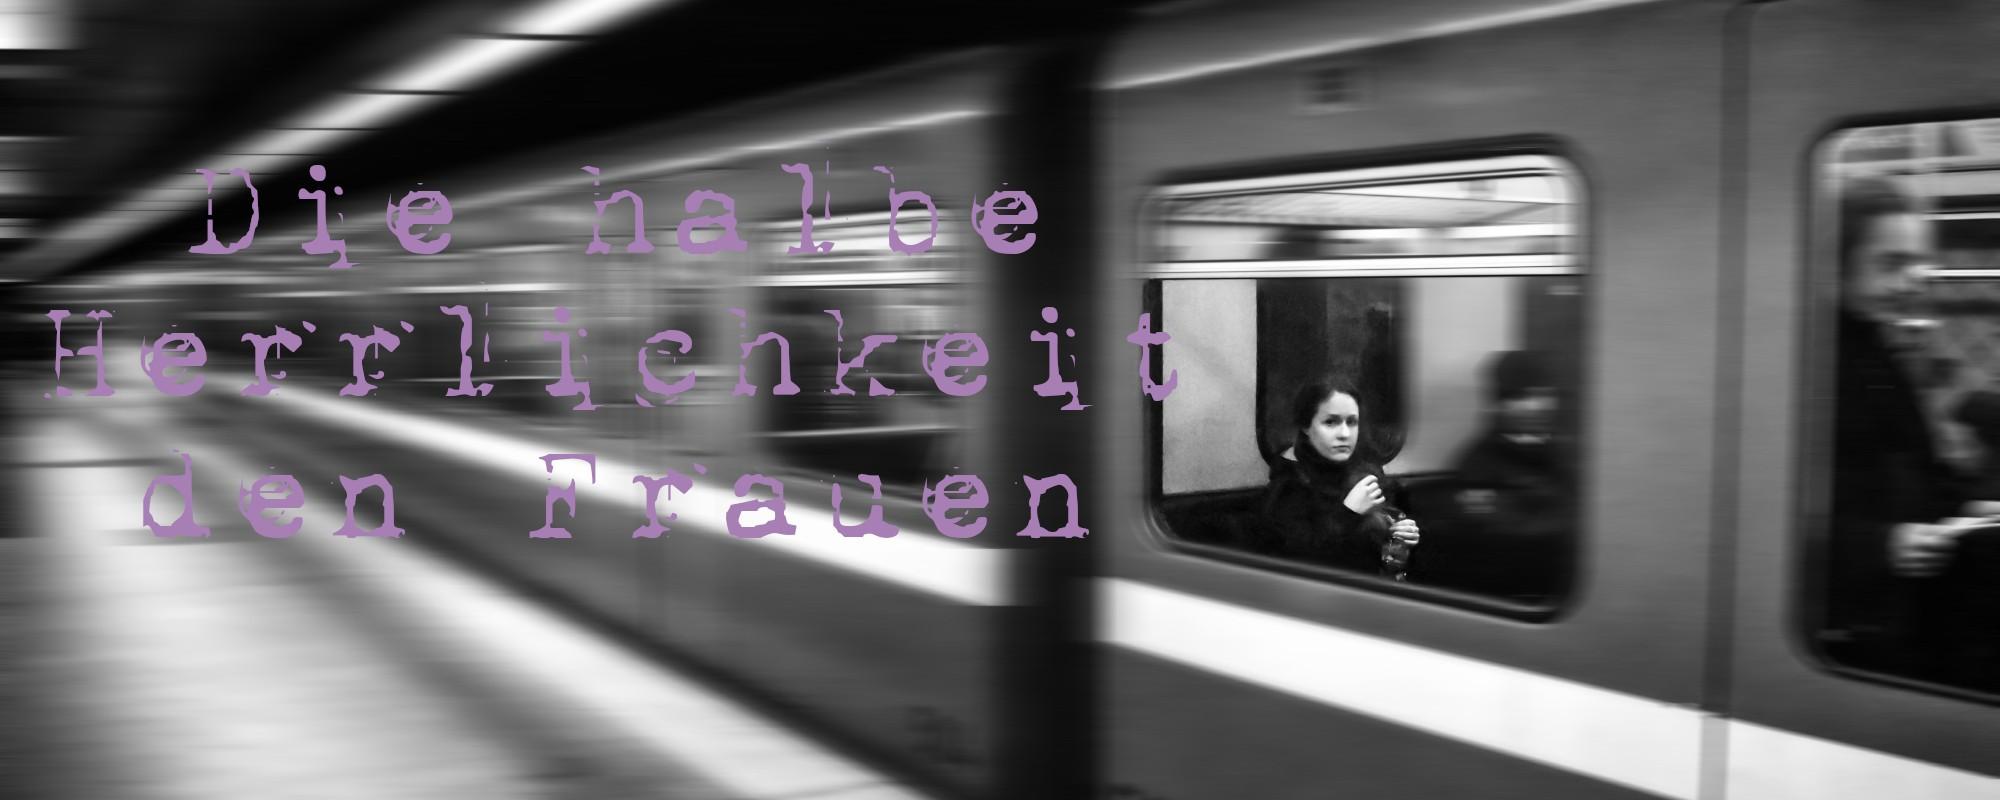 Anne-Birk-et-al-Die-halbe-Herrlichkeit-den-Frauen